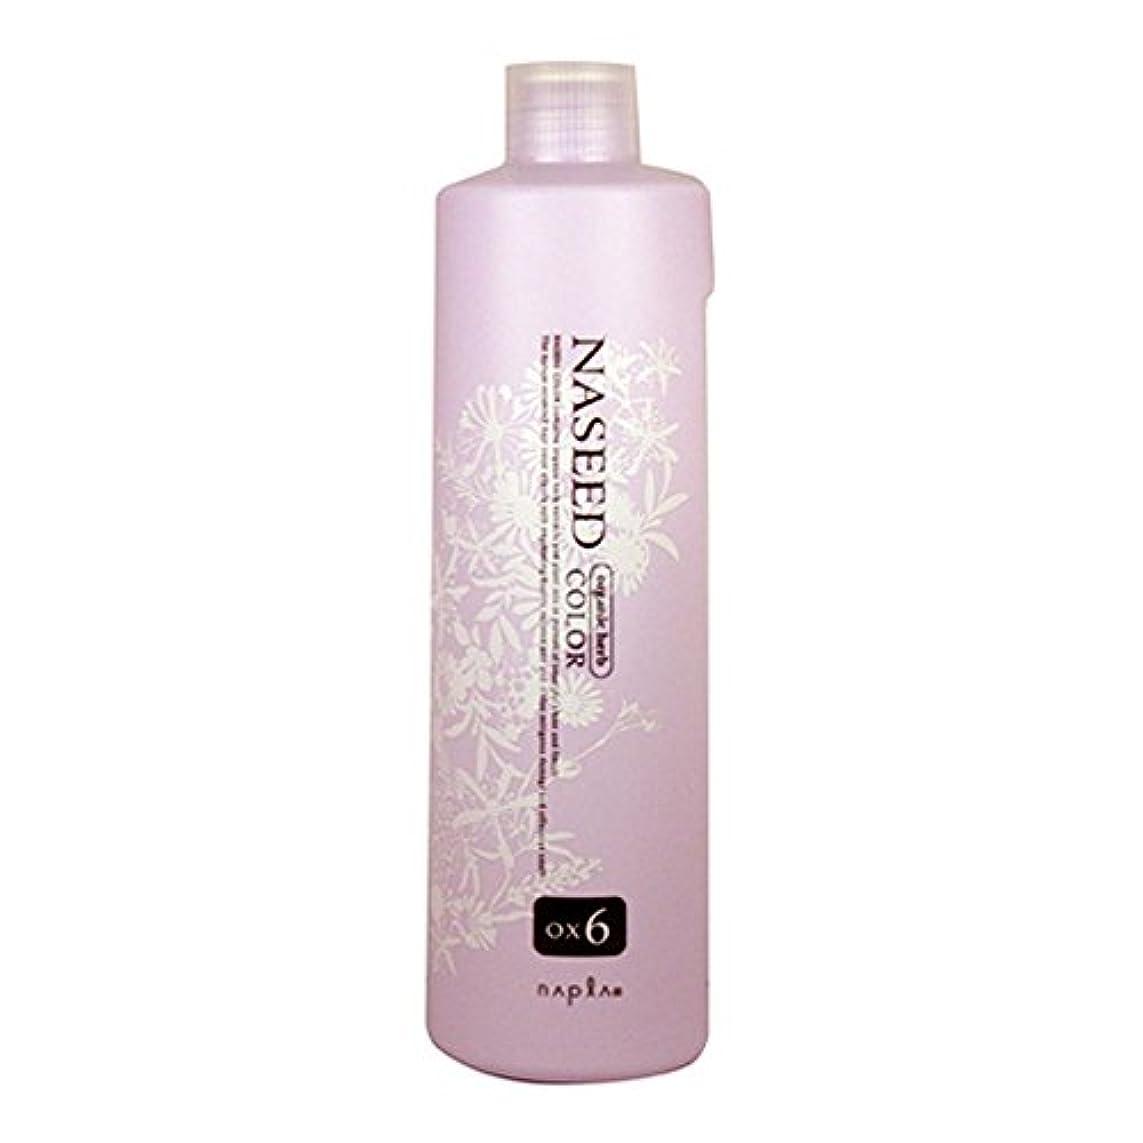 砂オフセット香水ナプラ ナシードカラー オキシ 6% 1000ml